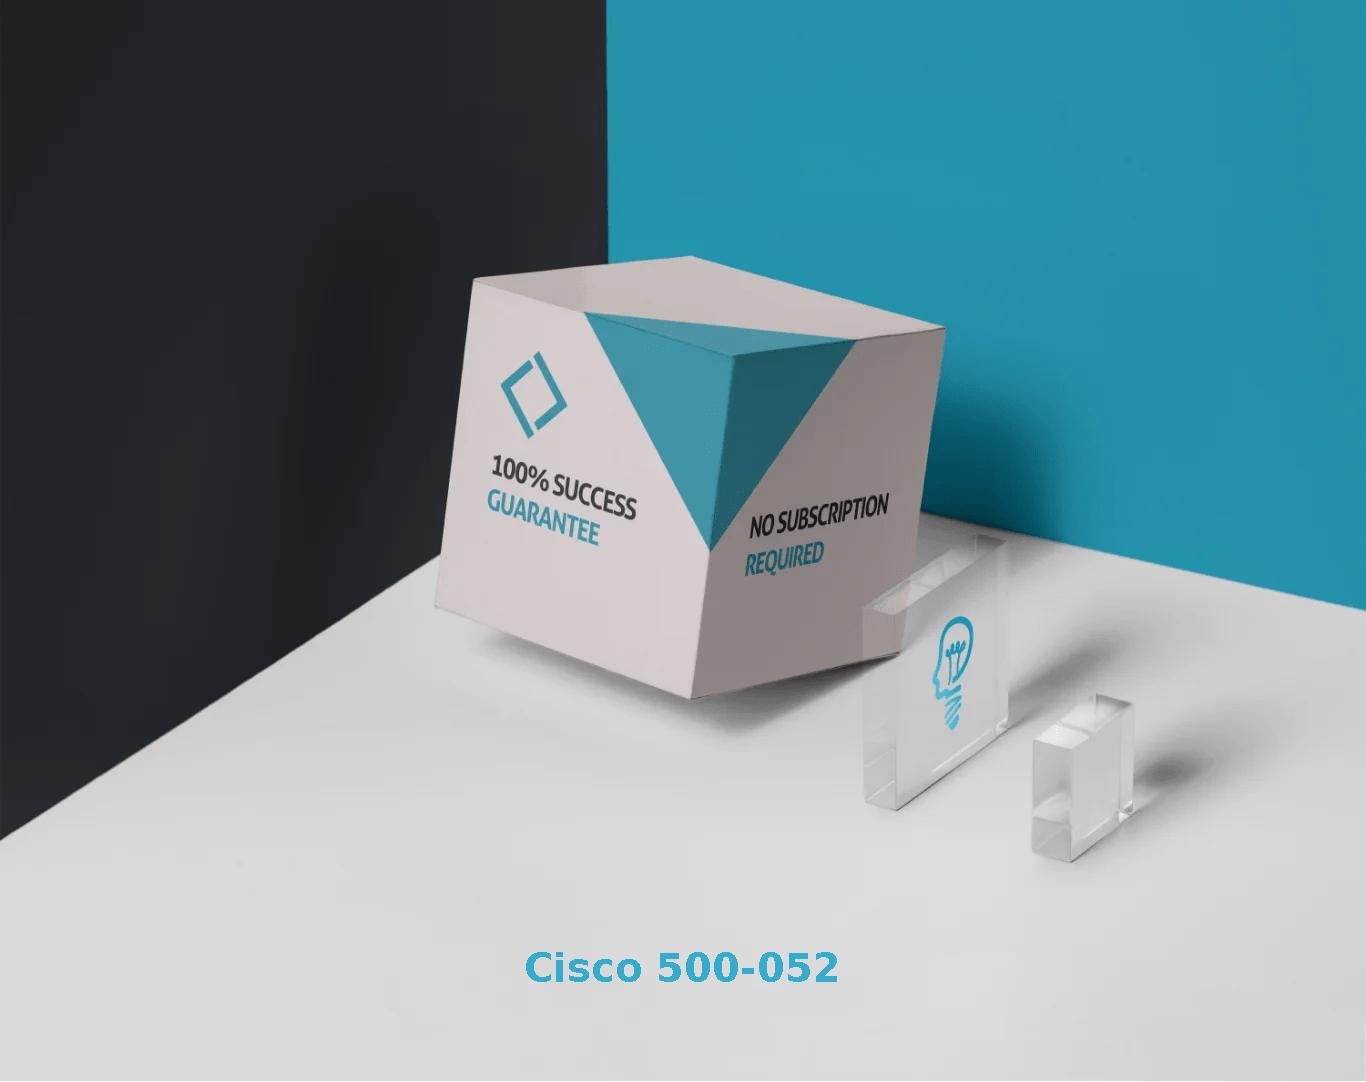 Cisco 500-052 Exams